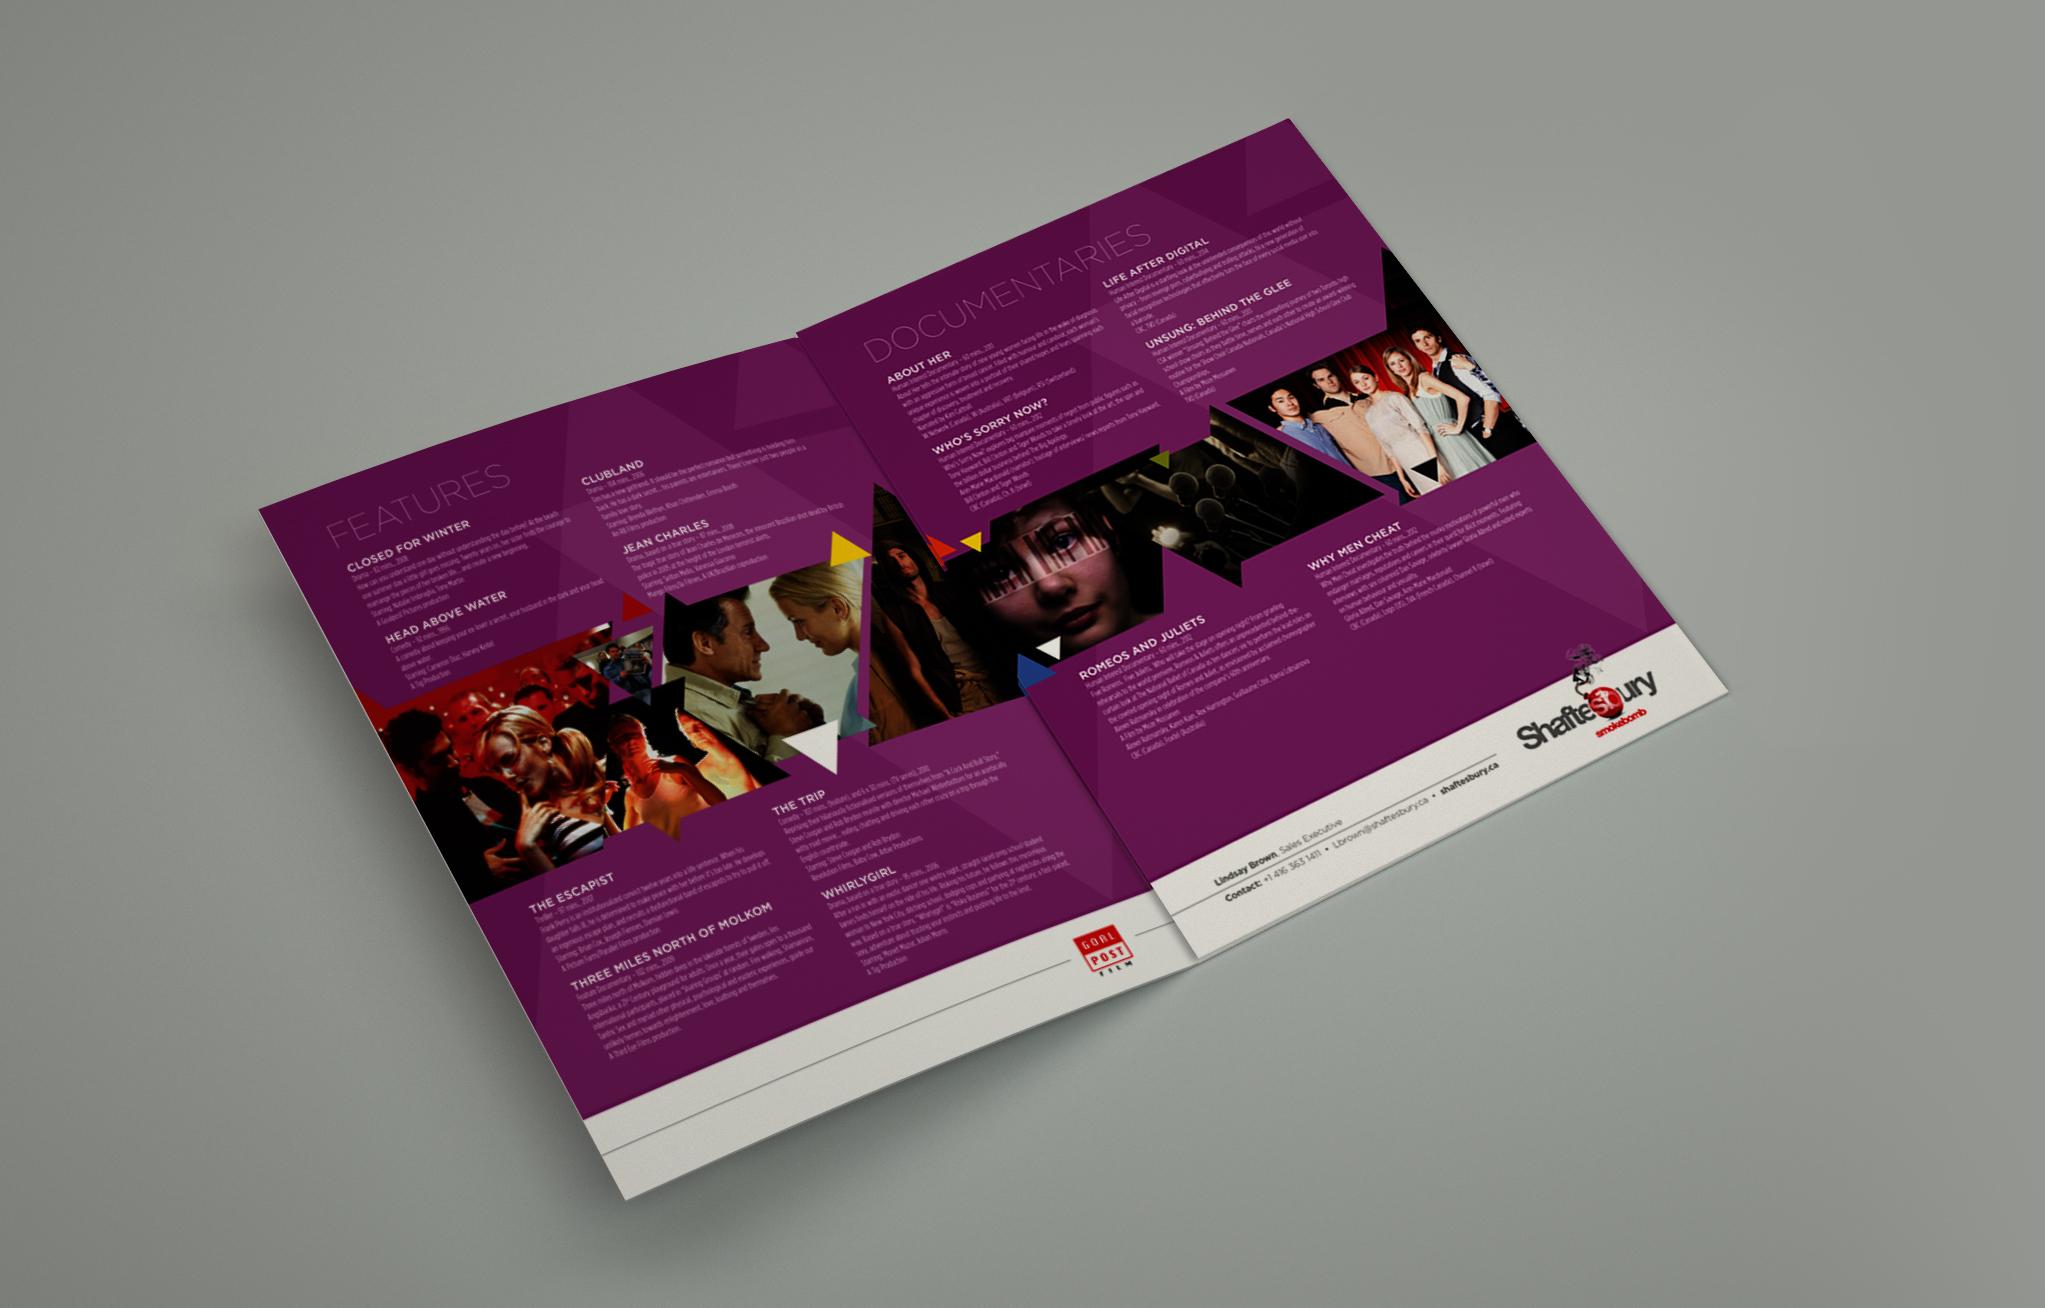 shaftesbury-brochure-spread-1